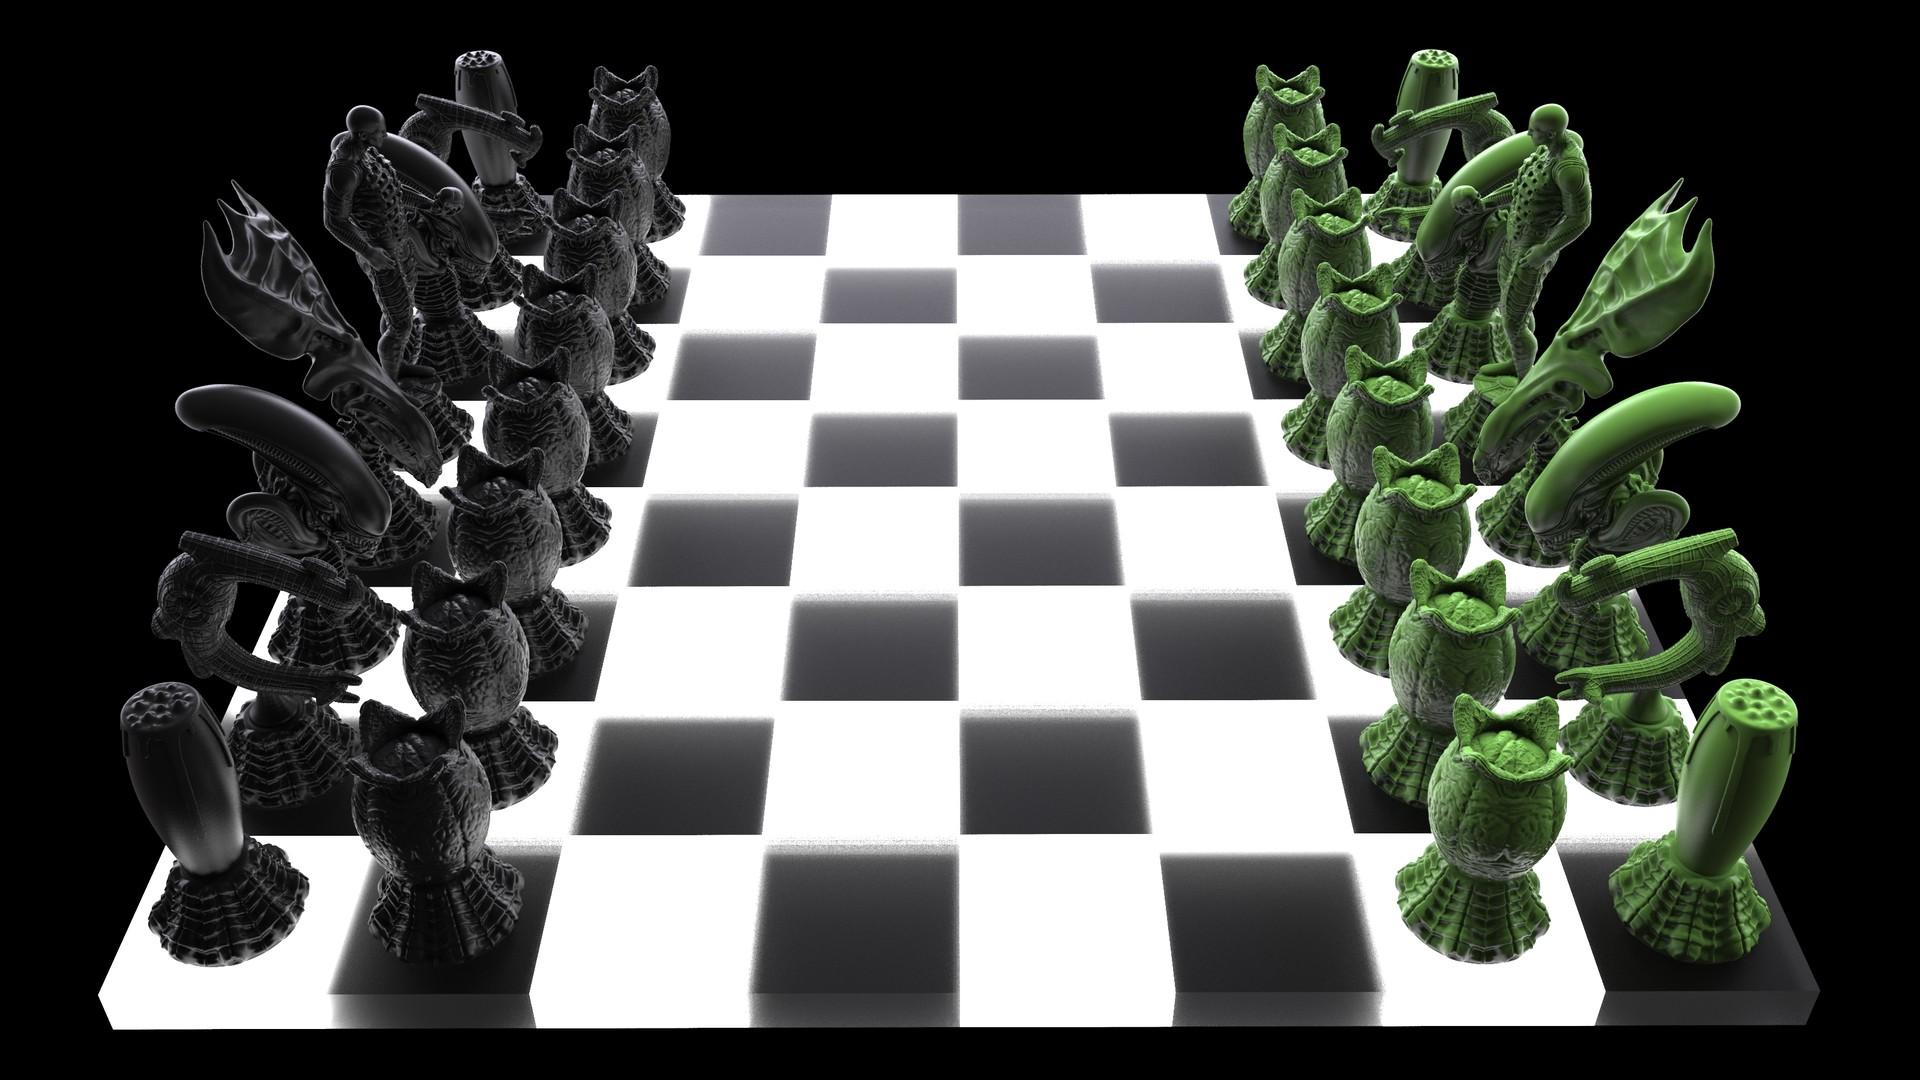 Ken calvert alien chess renders 1071